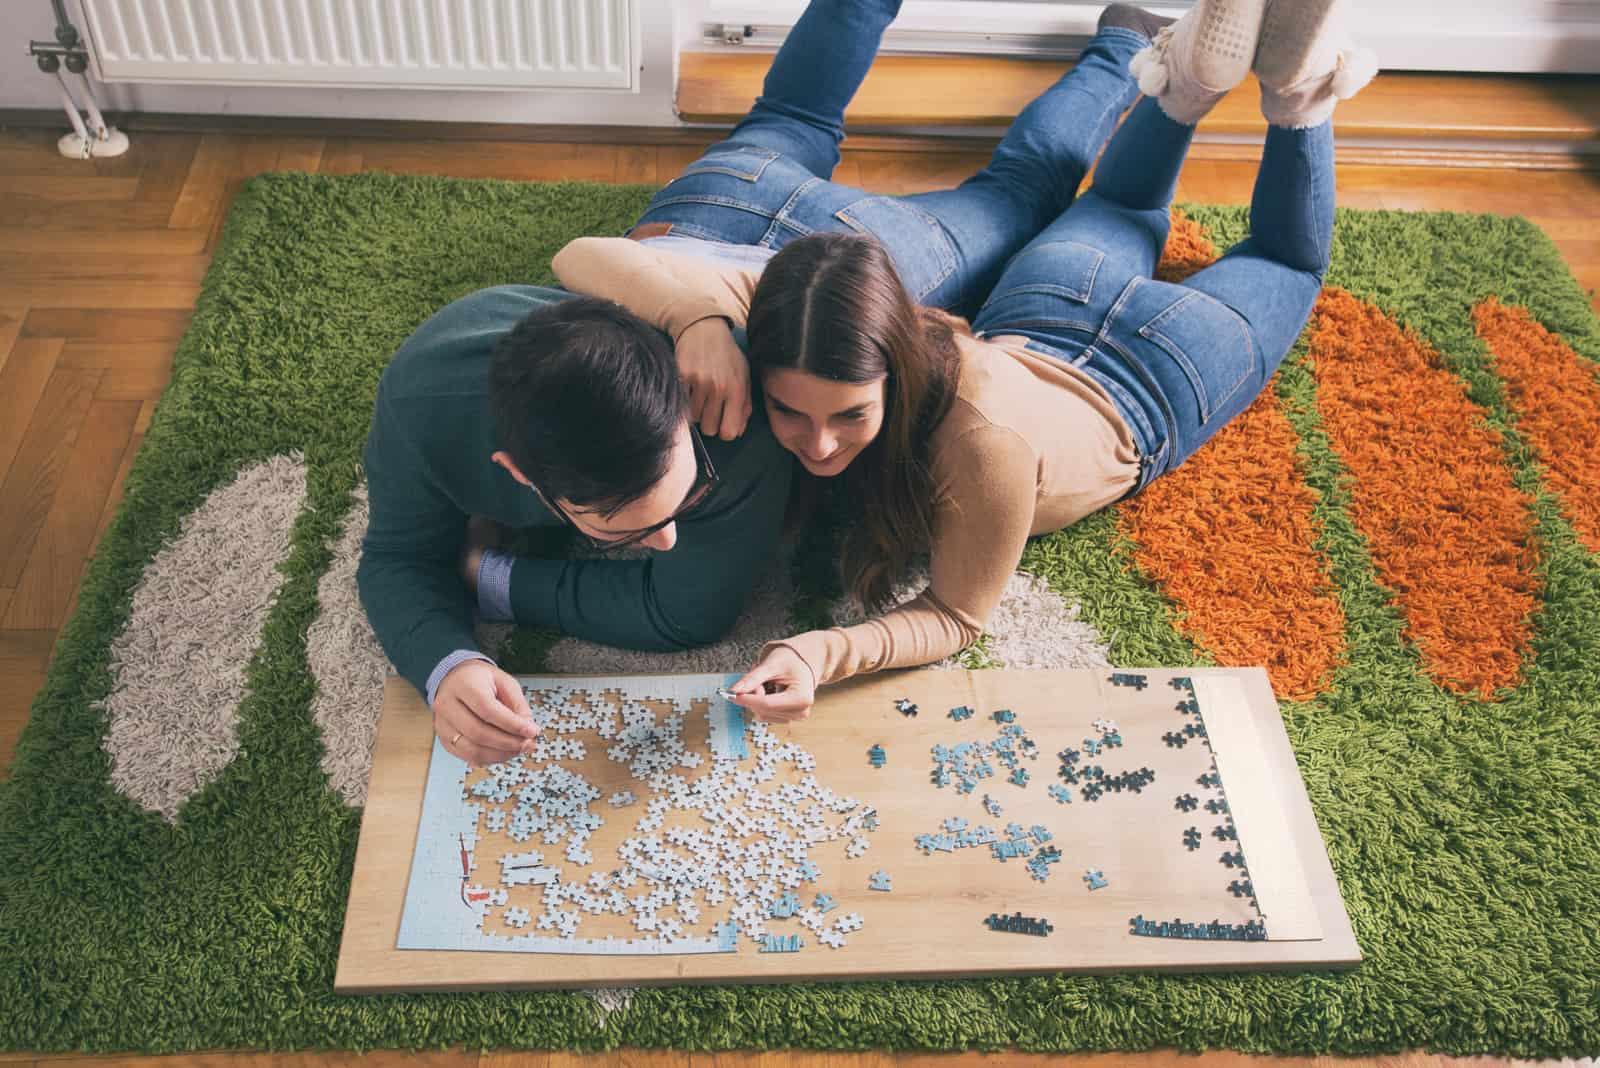 un homme et une femme s'allongent sur le lit et assemblent des puzzles